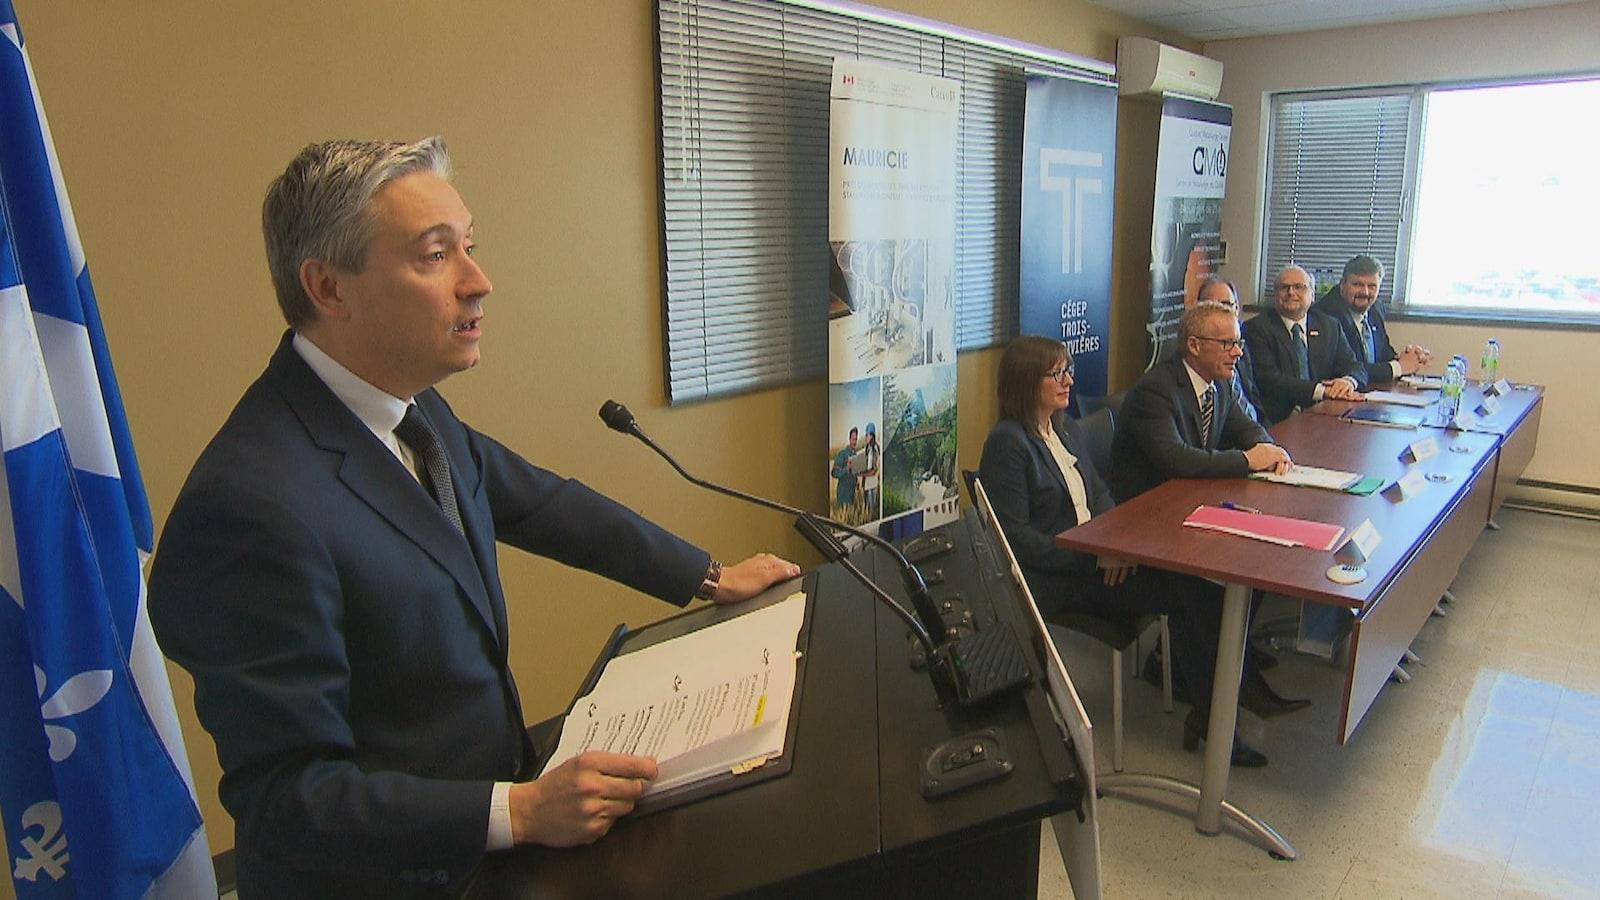 Le ministre François-Philippe Champagne au micro lors d'une annonce à Trois-Rivières